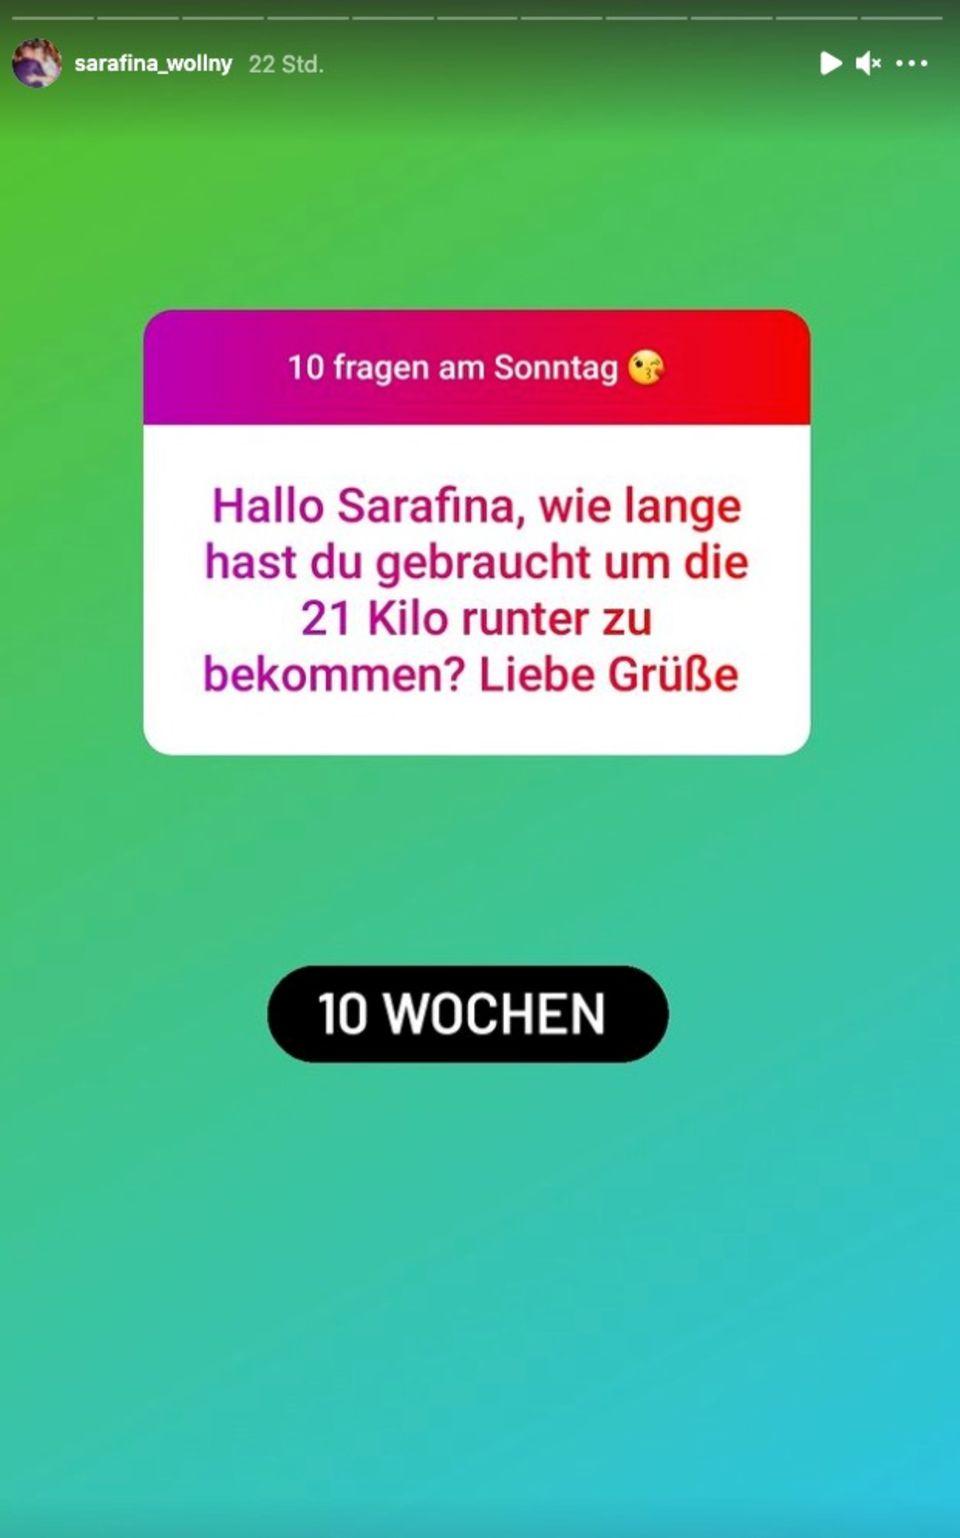 Sarafina Wollny verrät bei Instagram, wie viel sie abgenommen hat